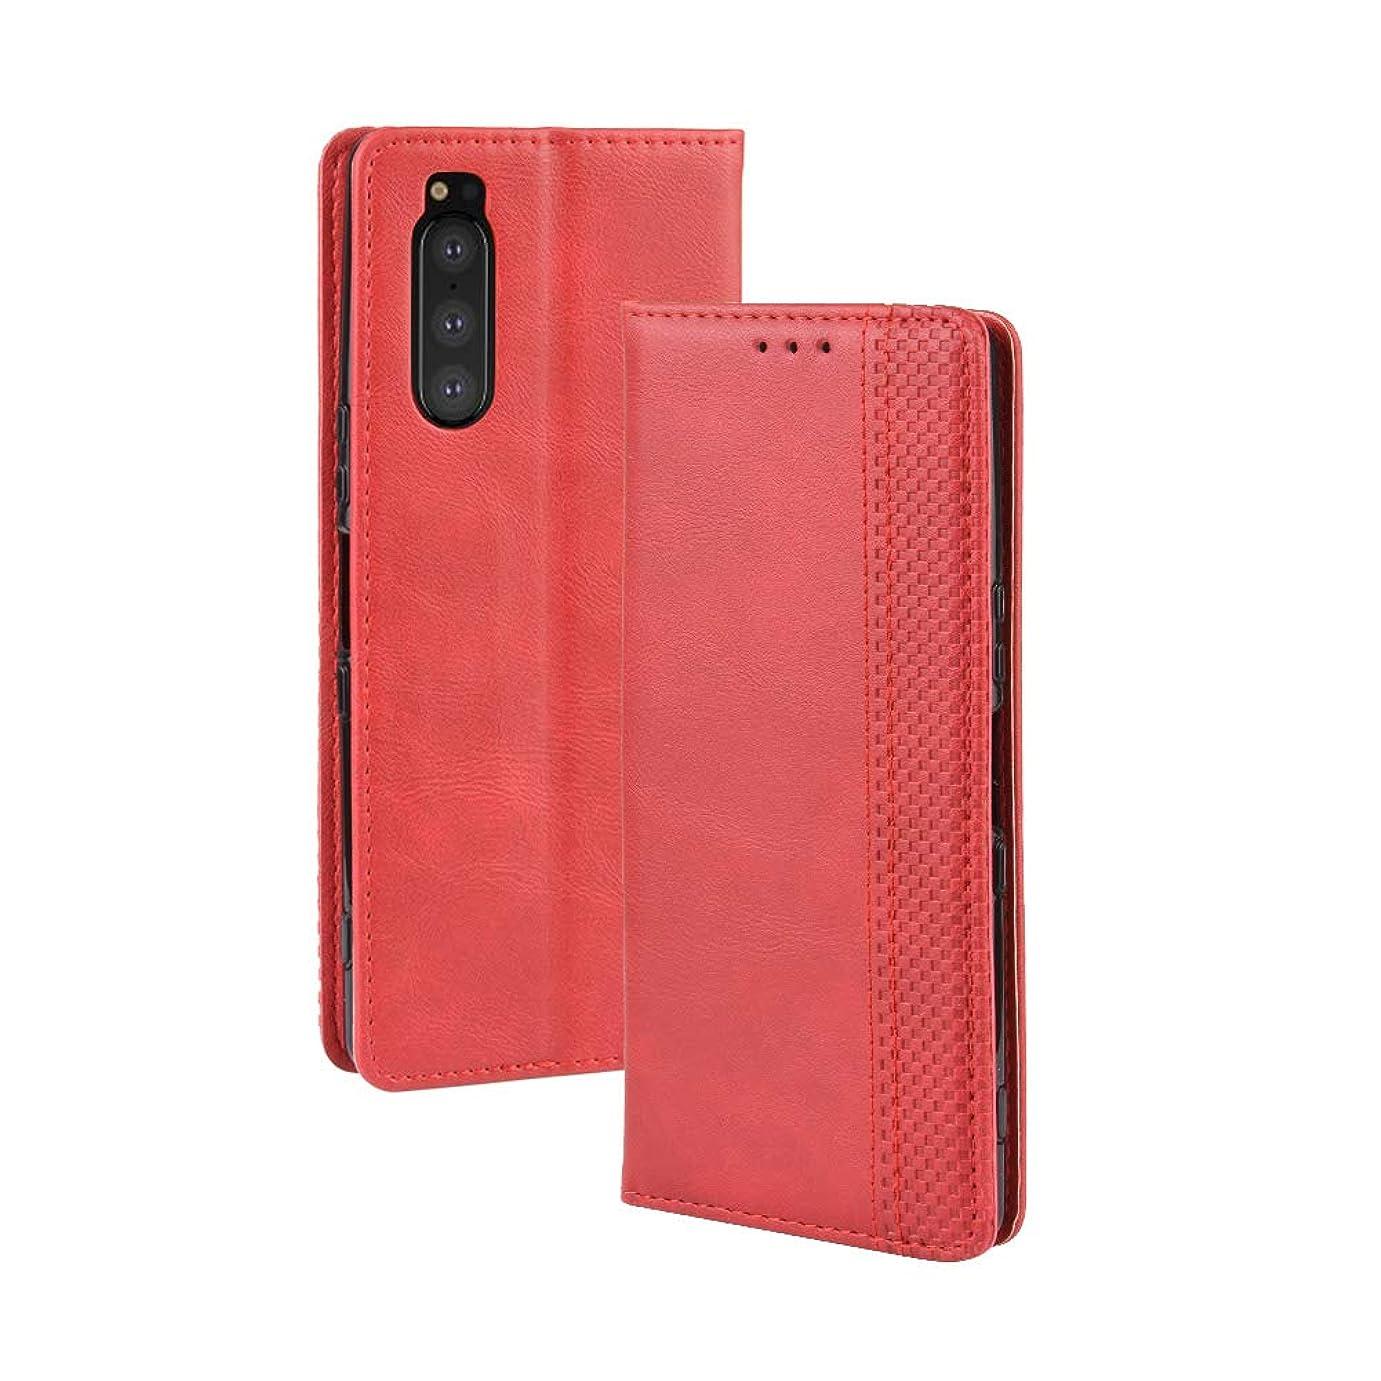 スキャンデッキ春YEZHU Sony Xperia 5 SOV41 手帳型ケース PUレザー 手触り良い 耐衝撃 滑り落ちにくい 指紋防止携帯カバー(Xperia5 レッド)